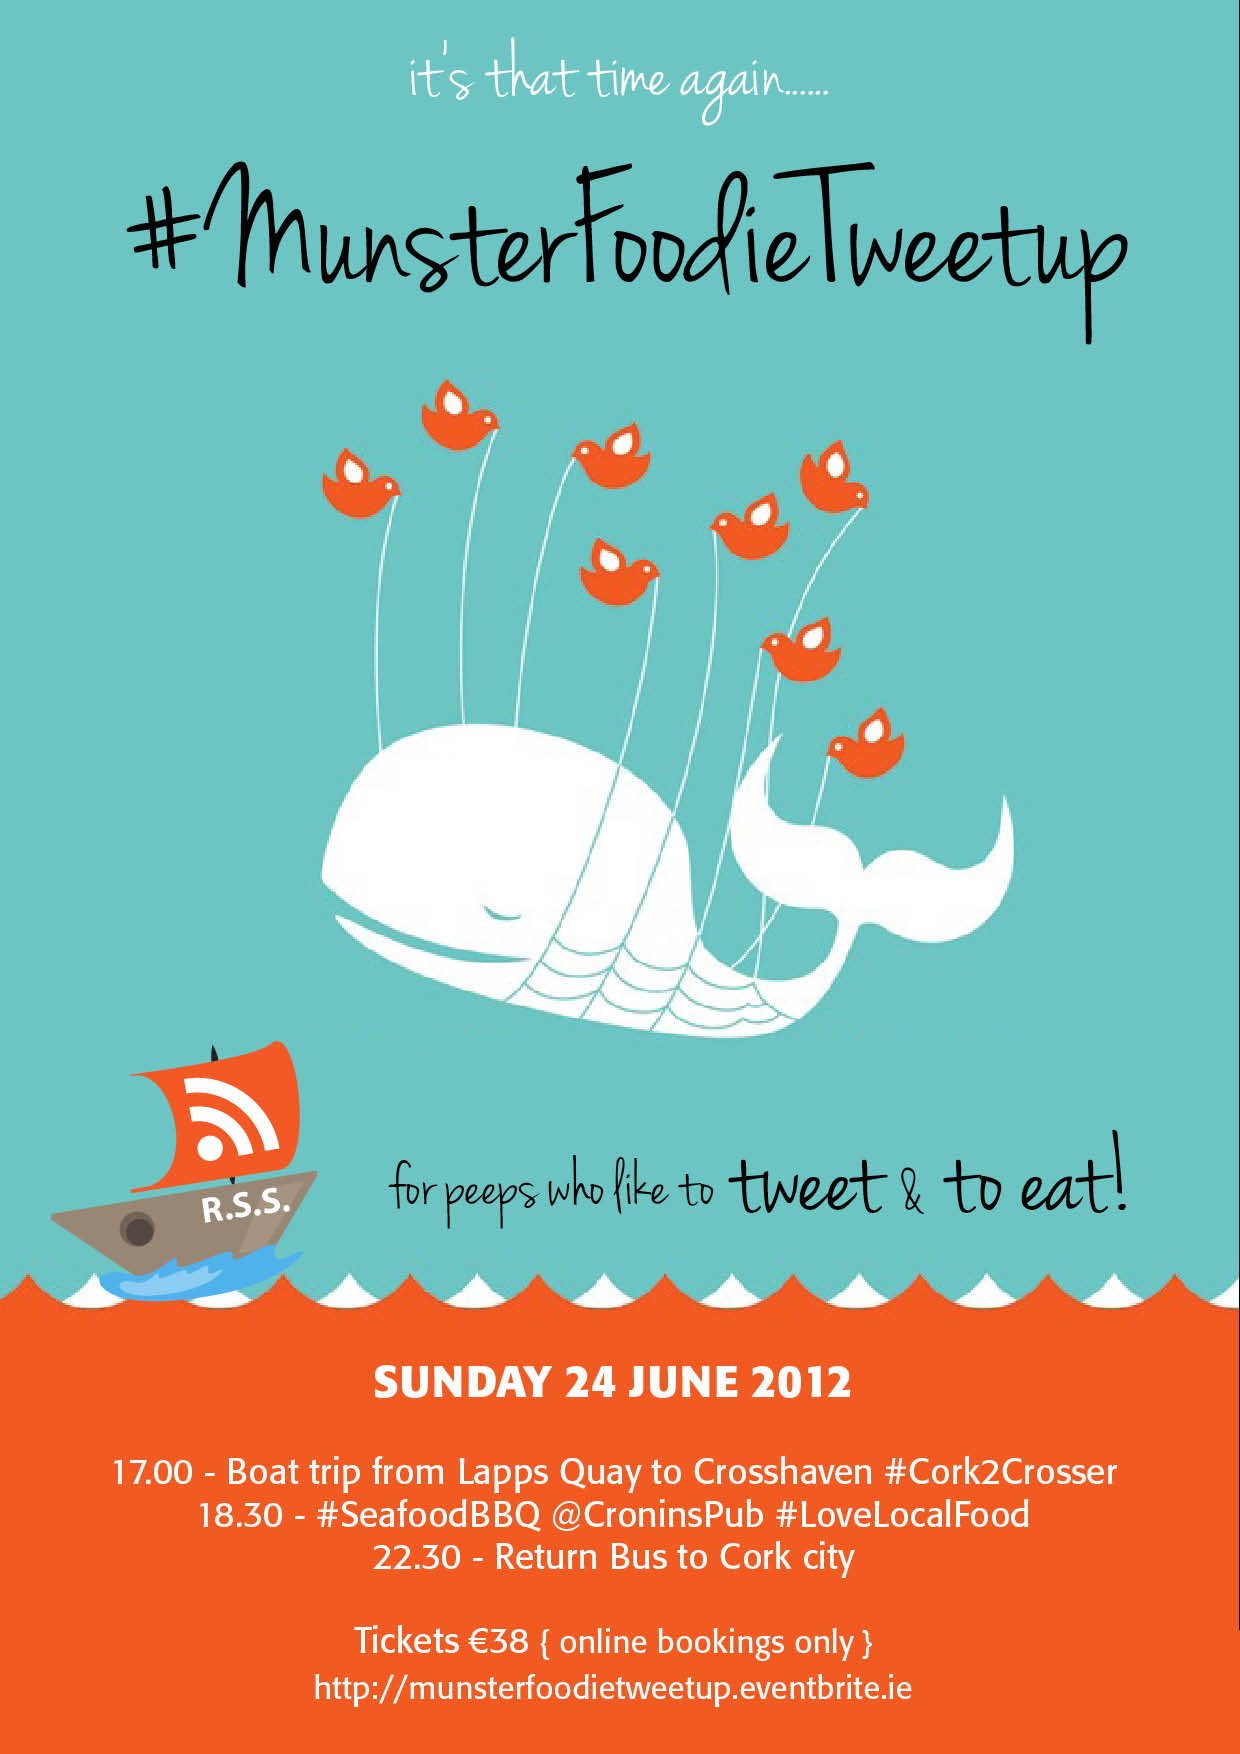 Munster Foodie Tweetup: Cronin's Pub for the next Tweetup